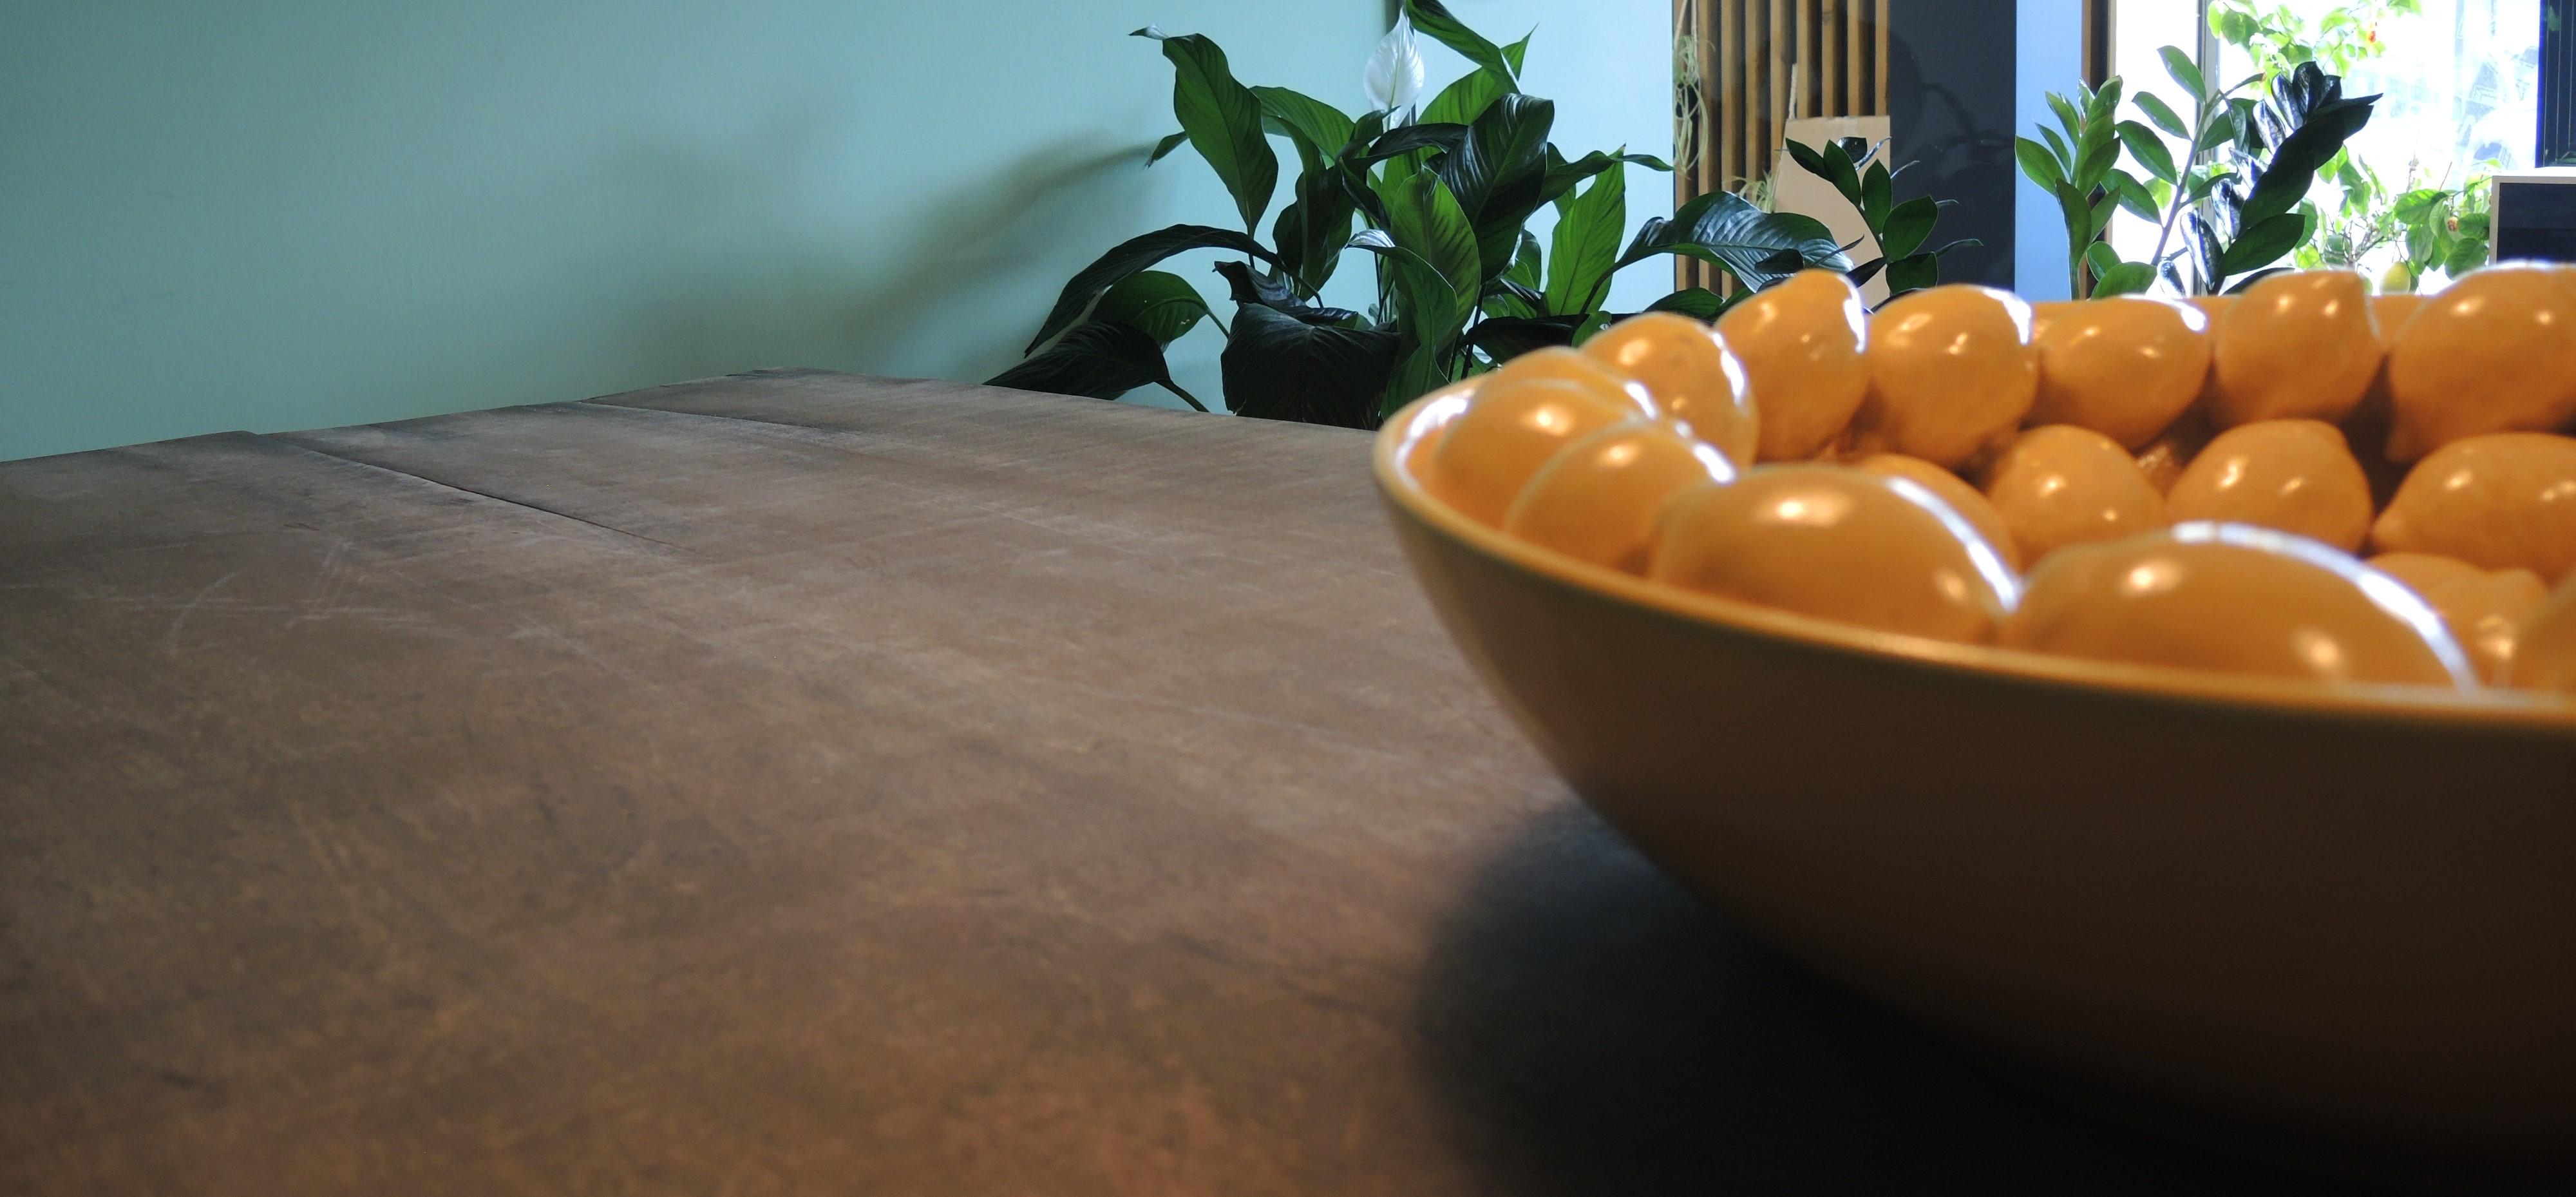 schaal met citroenen die centraal staan voor Publilemon